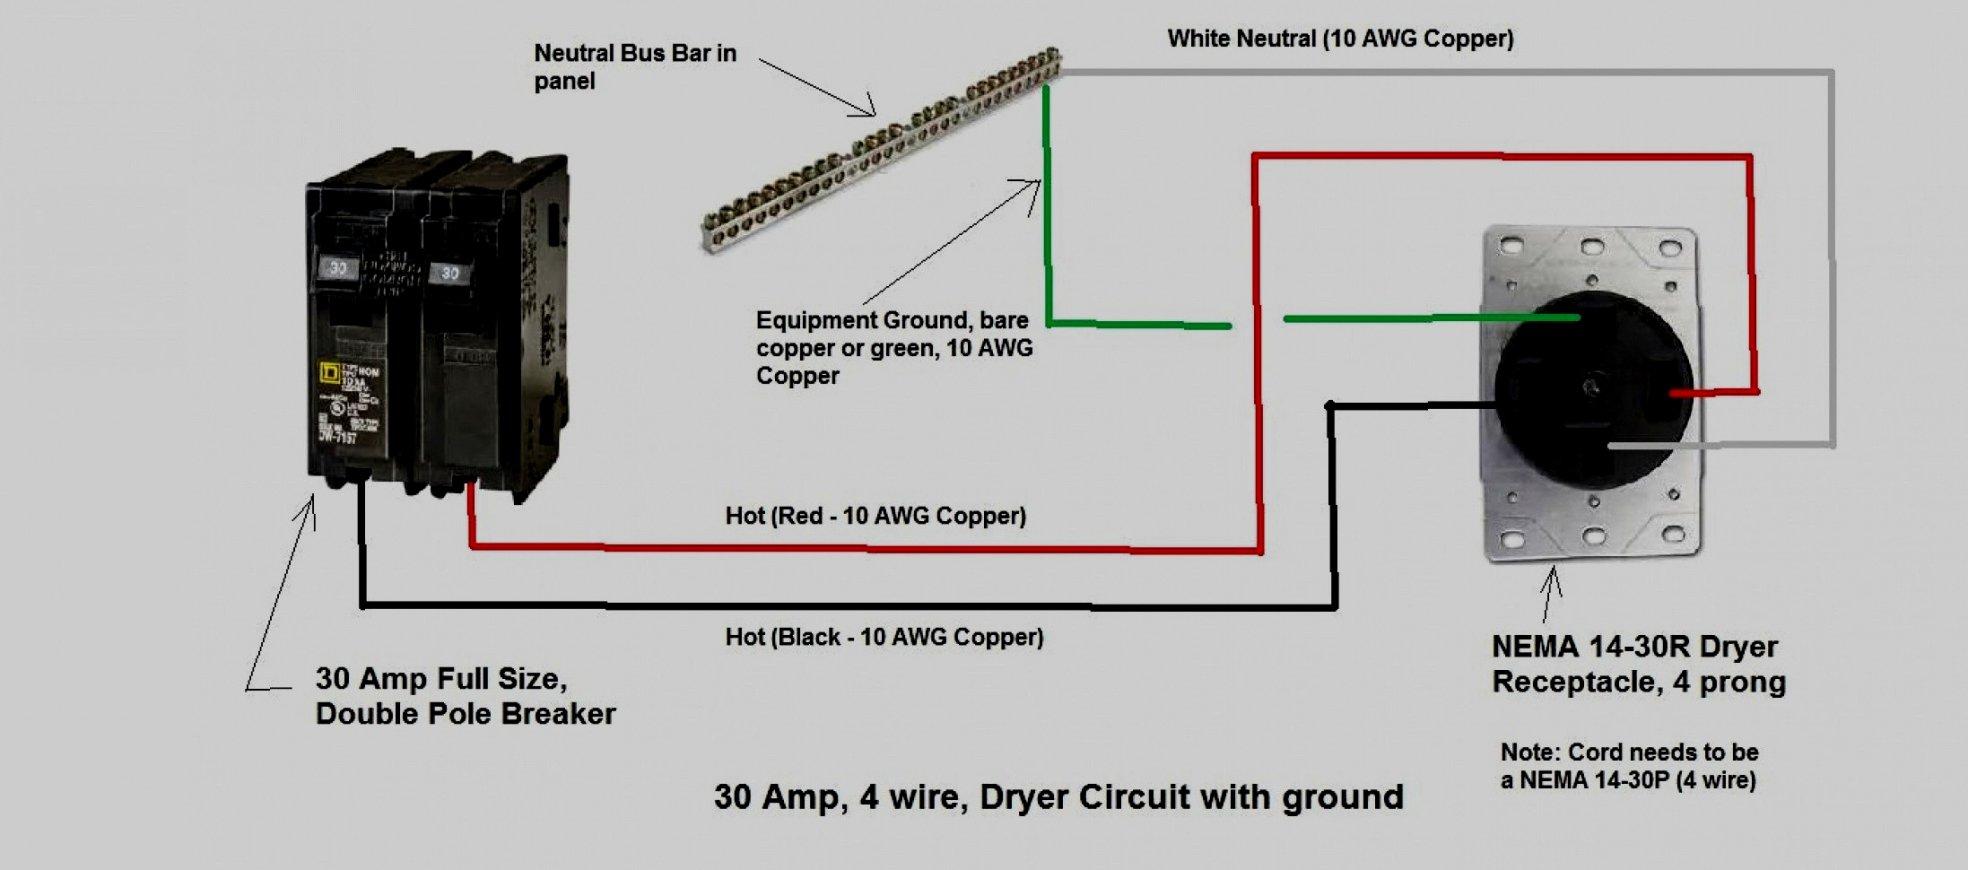 4 Prong 250Vac Wiring Diagram | Wiring Diagram - 220 Wiring Diagram